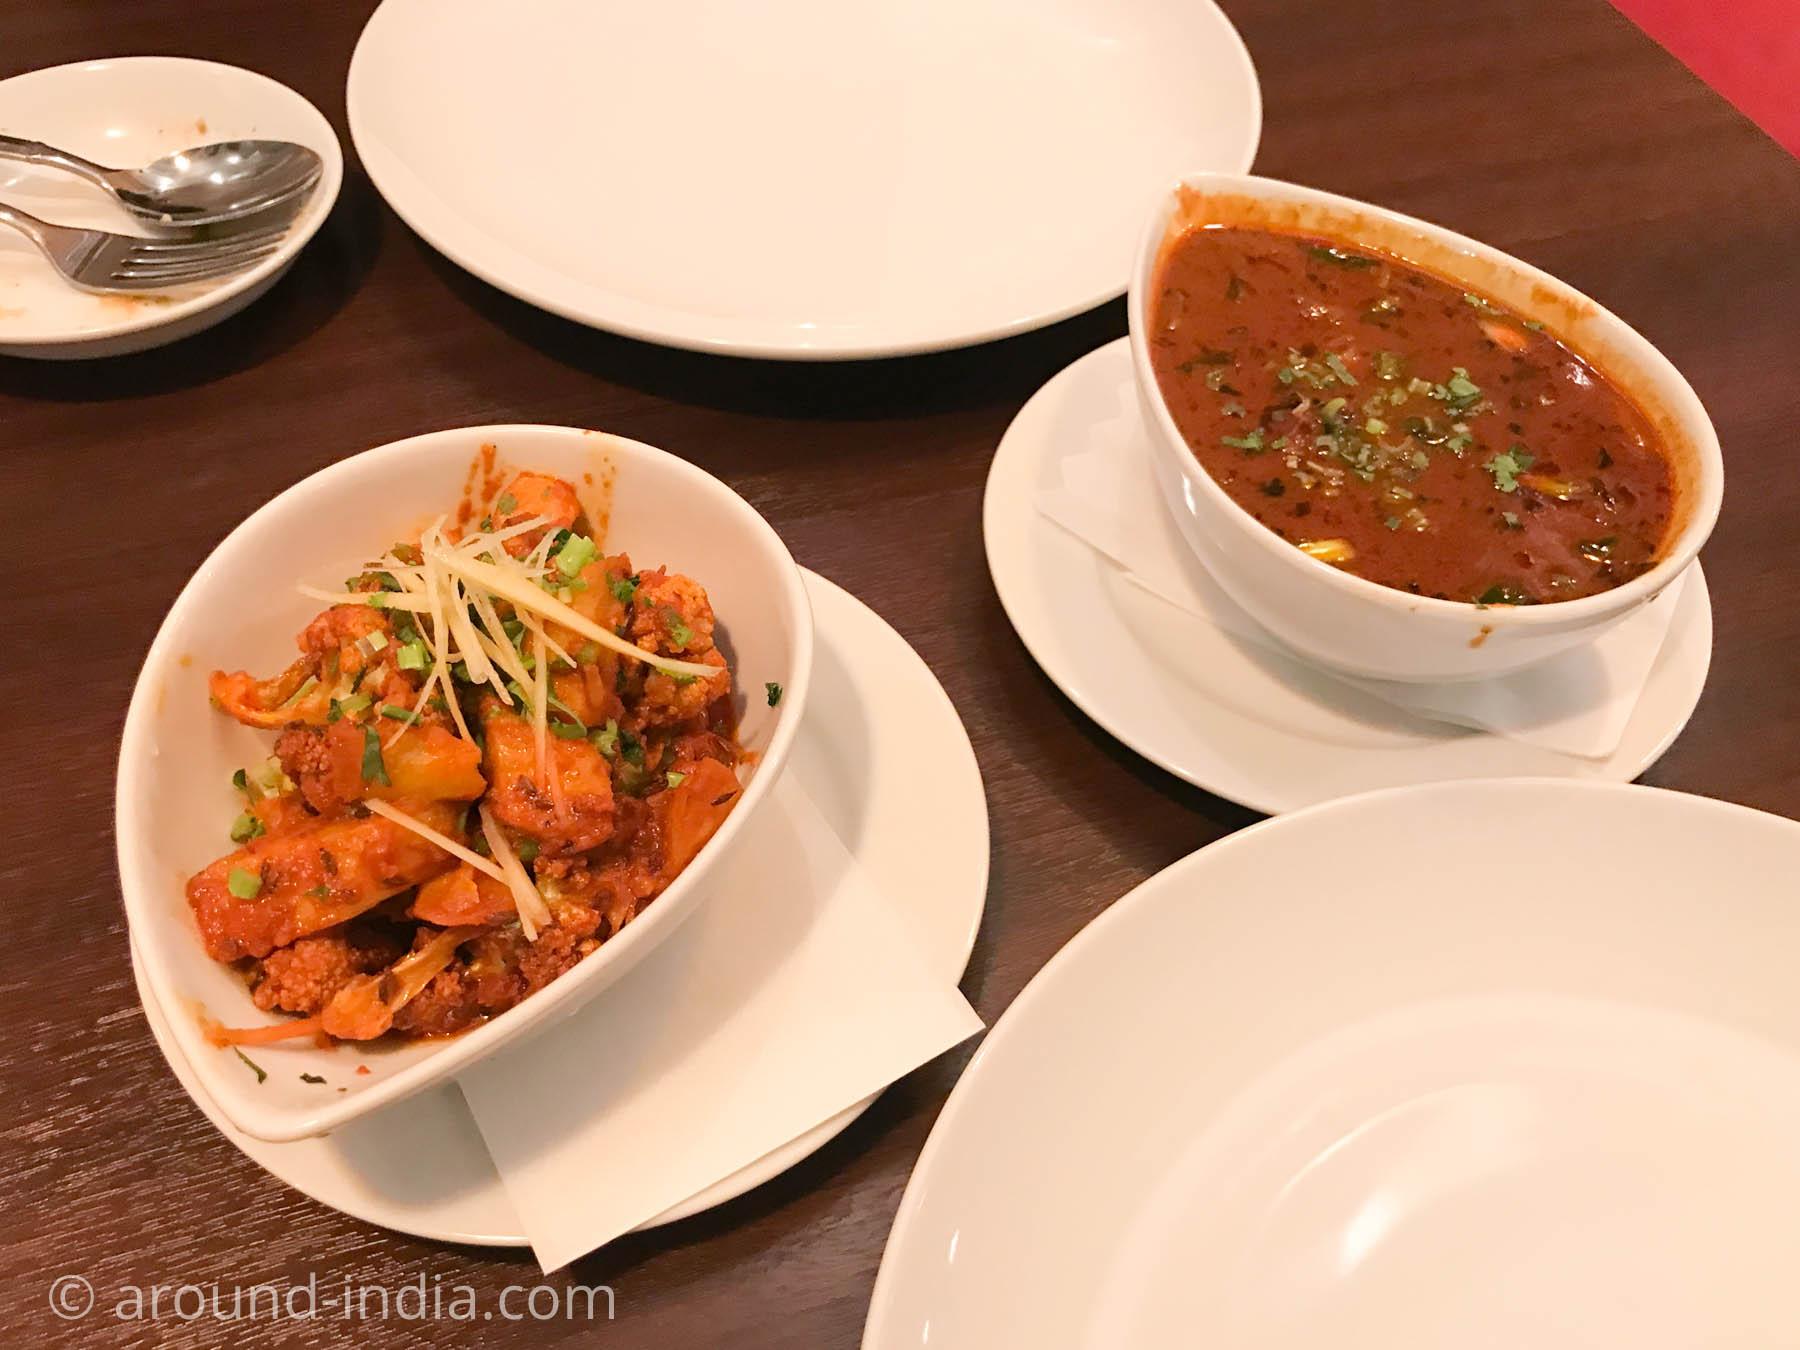 横浜中華街のインド料理店ナクシャトラ、アルゴヒとカルクディマトンカレー